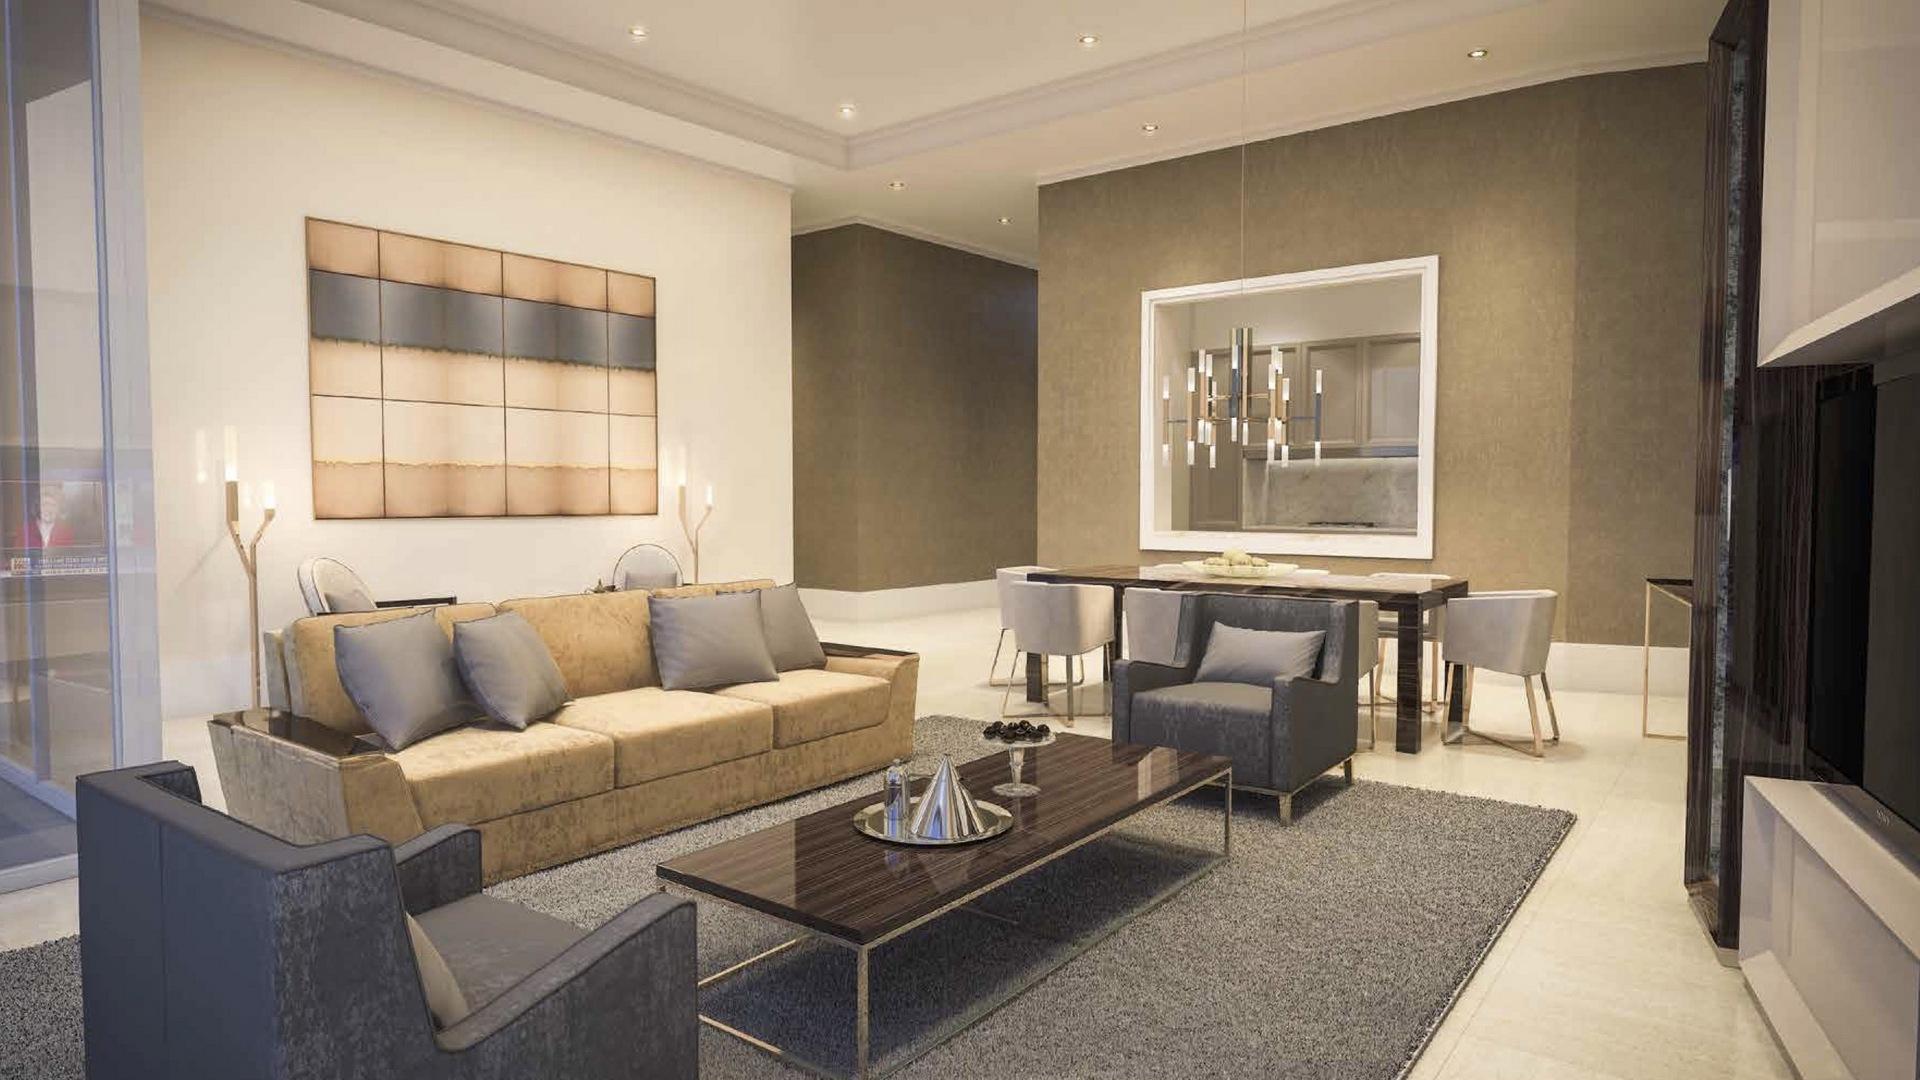 Adosado en venta en Dubai, EAU, 5 dormitorios, 421 m2, № 24074 – foto 6